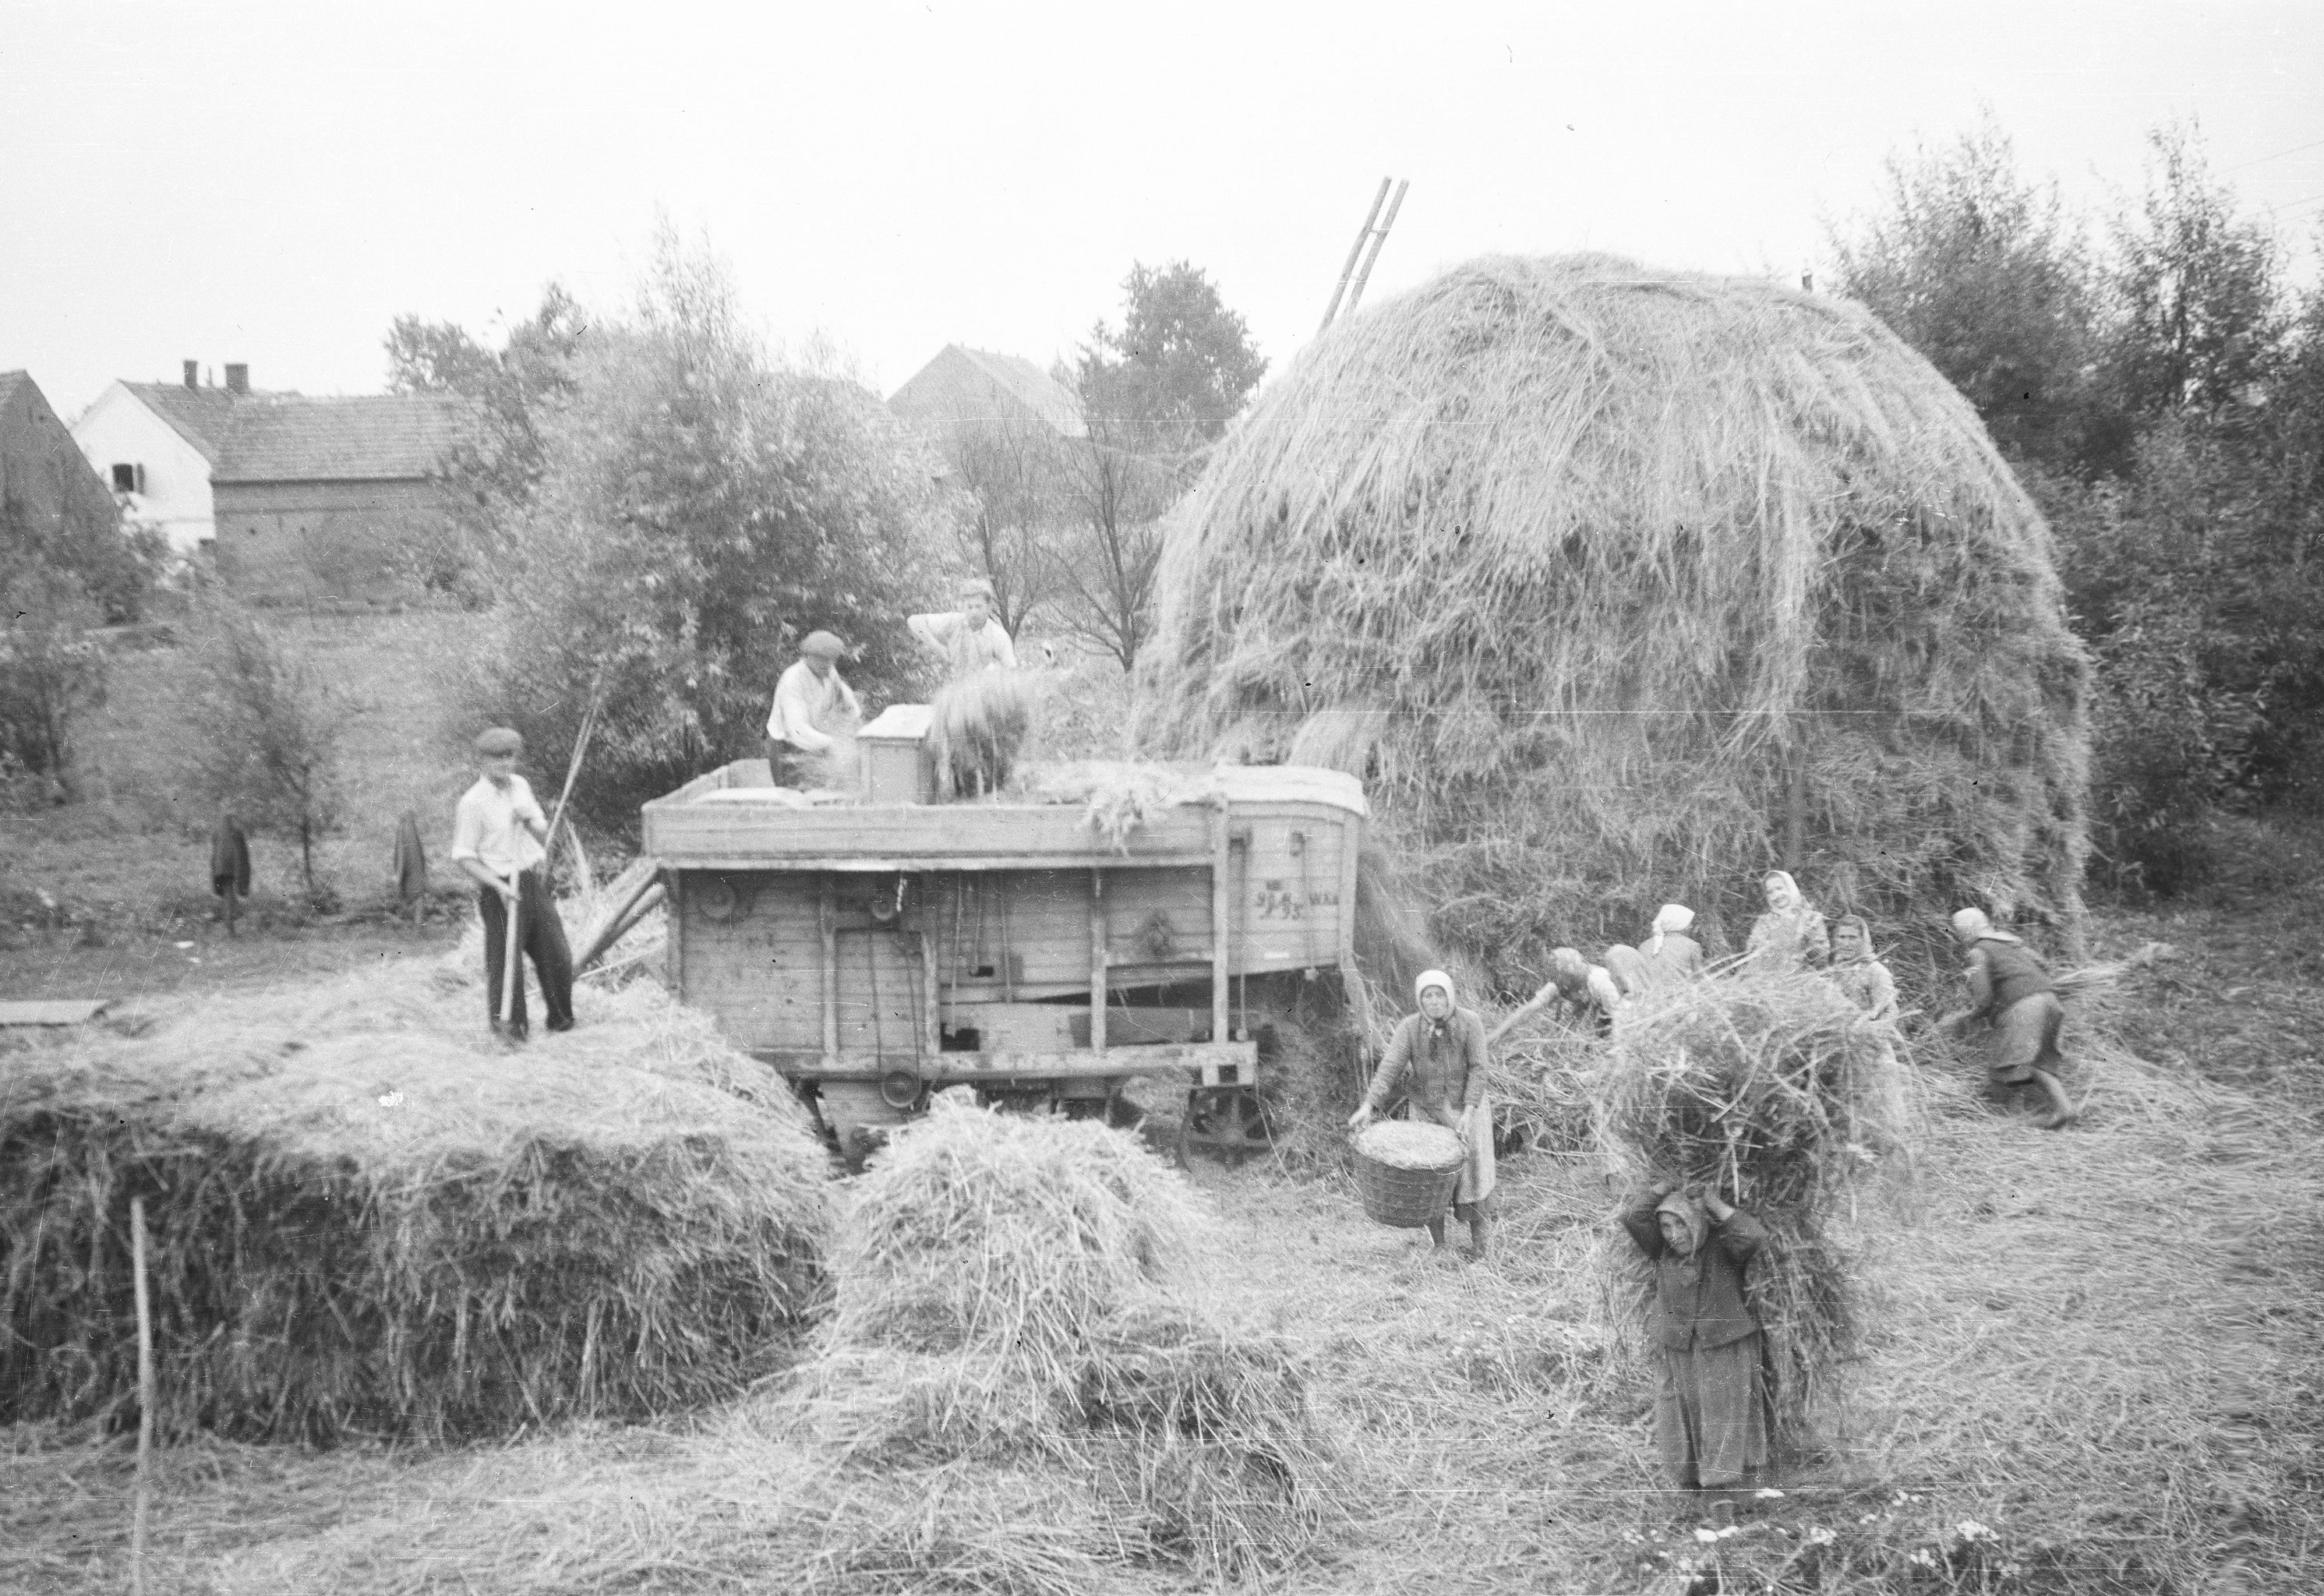 Młócka u Czyżowiczów, Brzózka, Dolny Śląsk, lata 50. XX w.